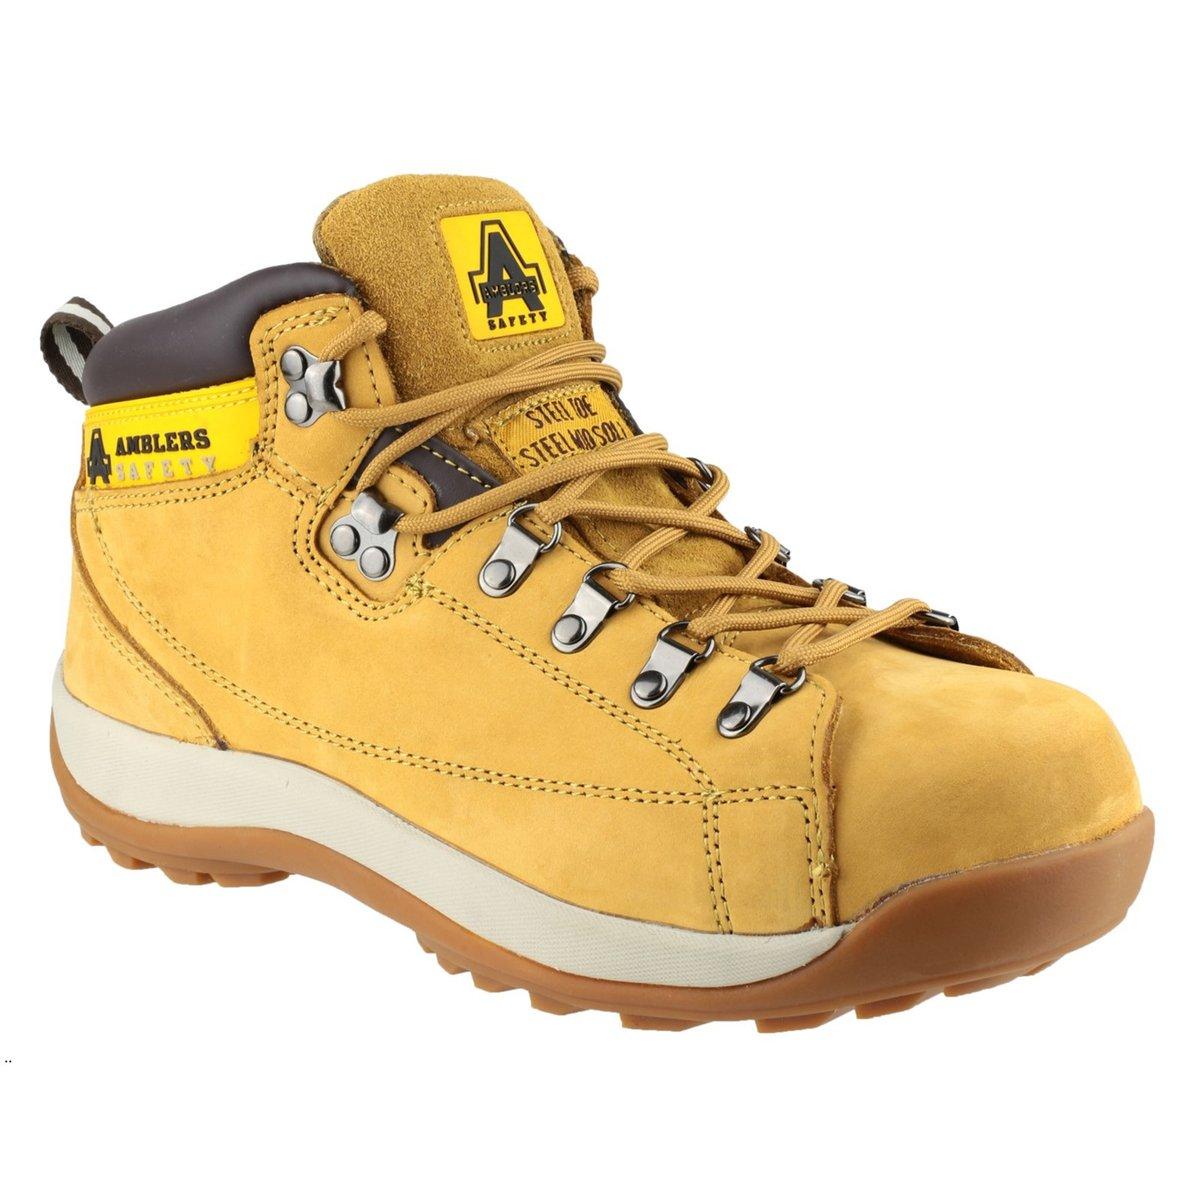 Amblers Safety Arbeitsschuh Steel Herren Sicherheitsstiefel / Sicherheitsschuhe FS122 Herrenmode/Schuhe/Komfortschuhe/Schnürschuhe